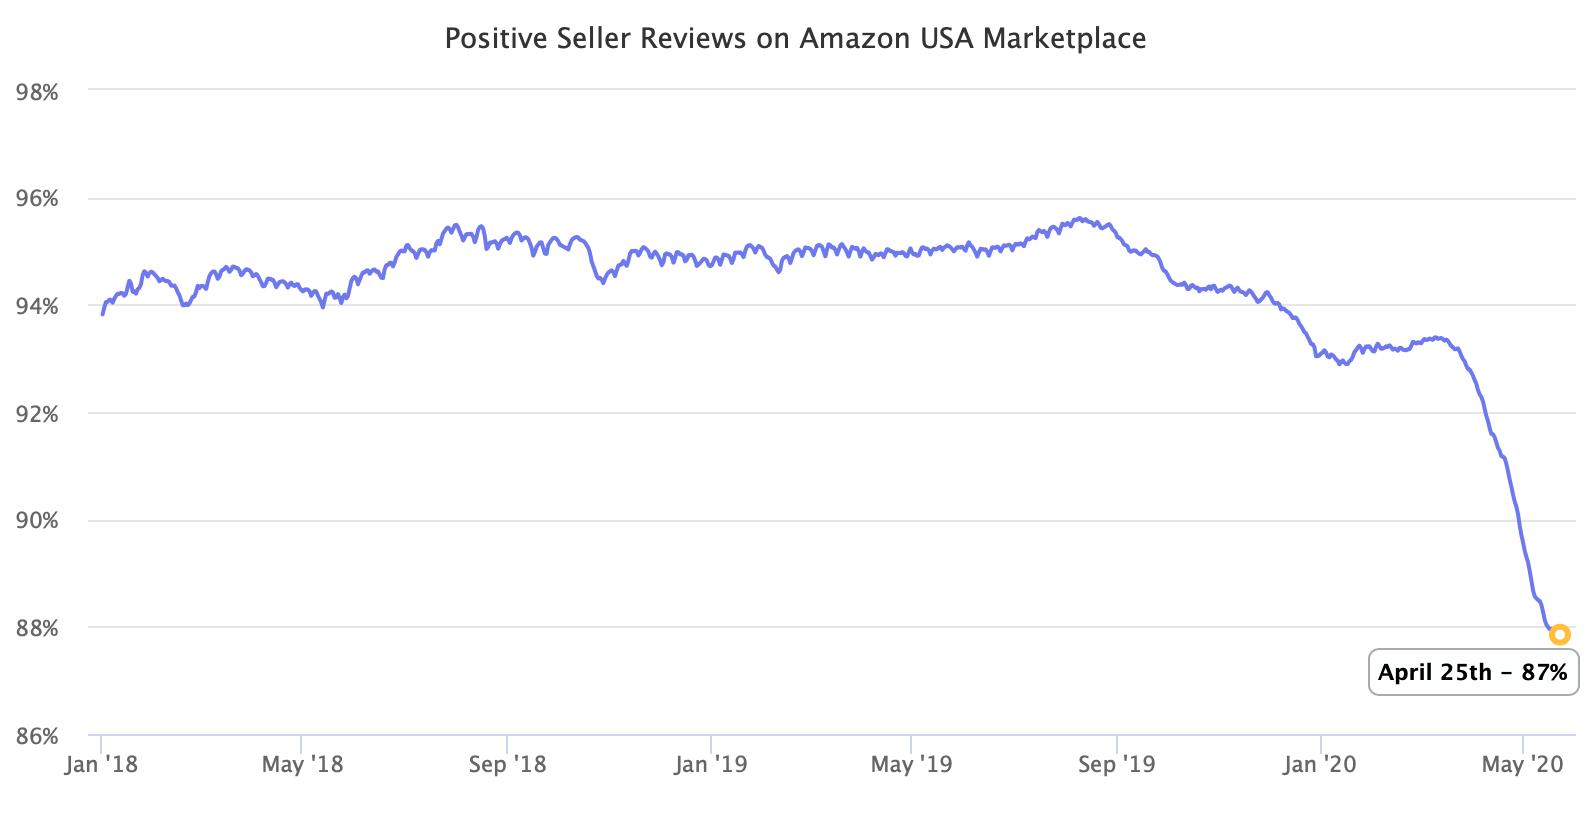 与去年相比在亚马逊市场上卖家好评的百分比